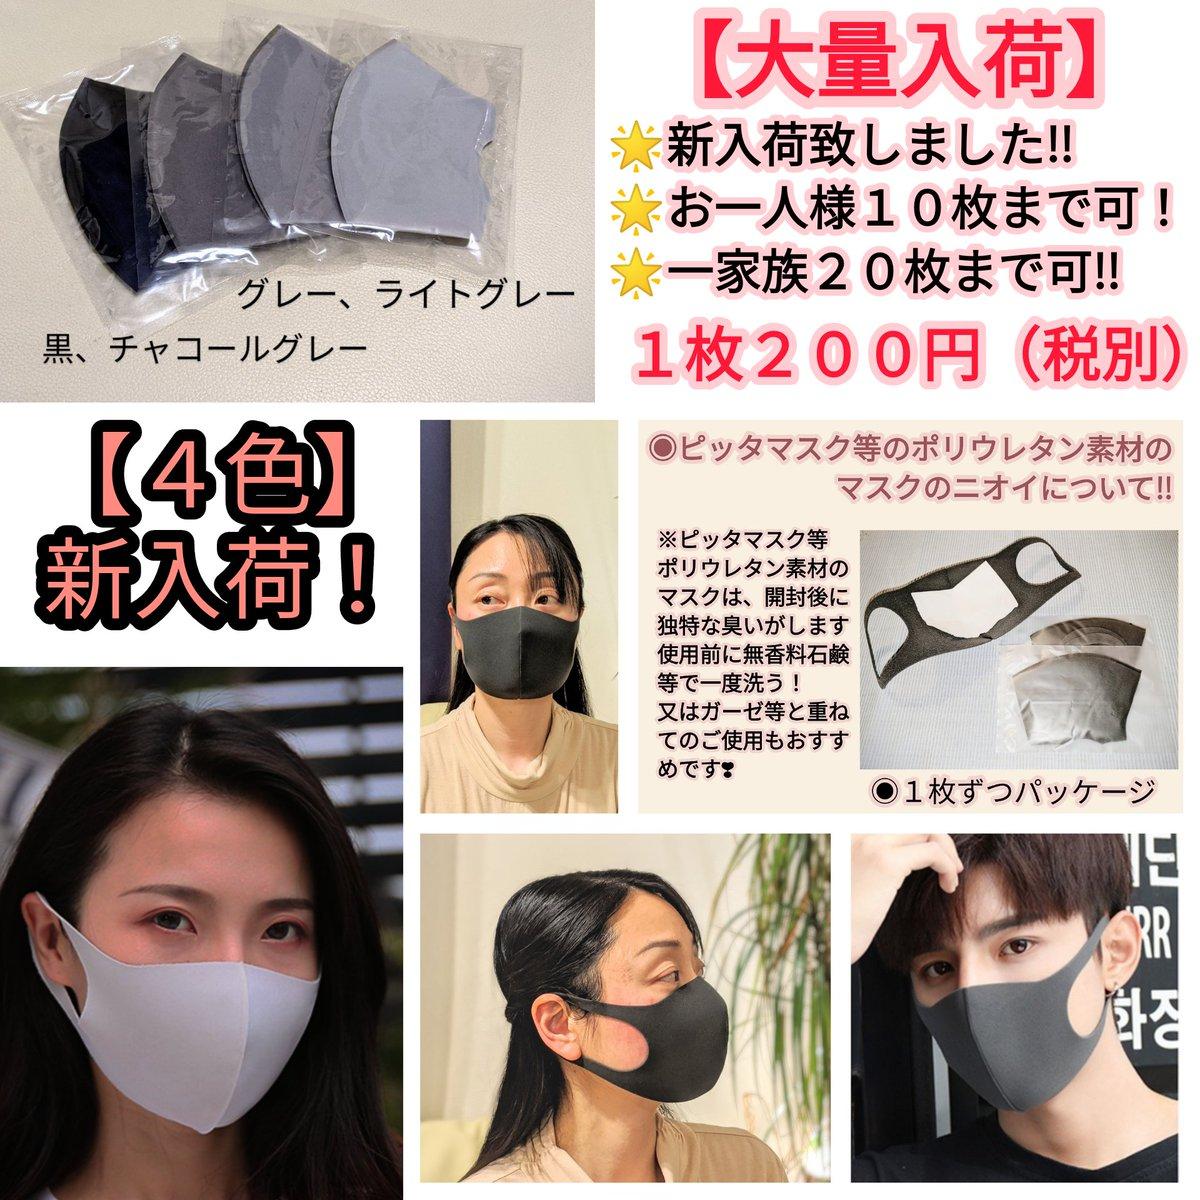 マスク 臭い ポリウレタン